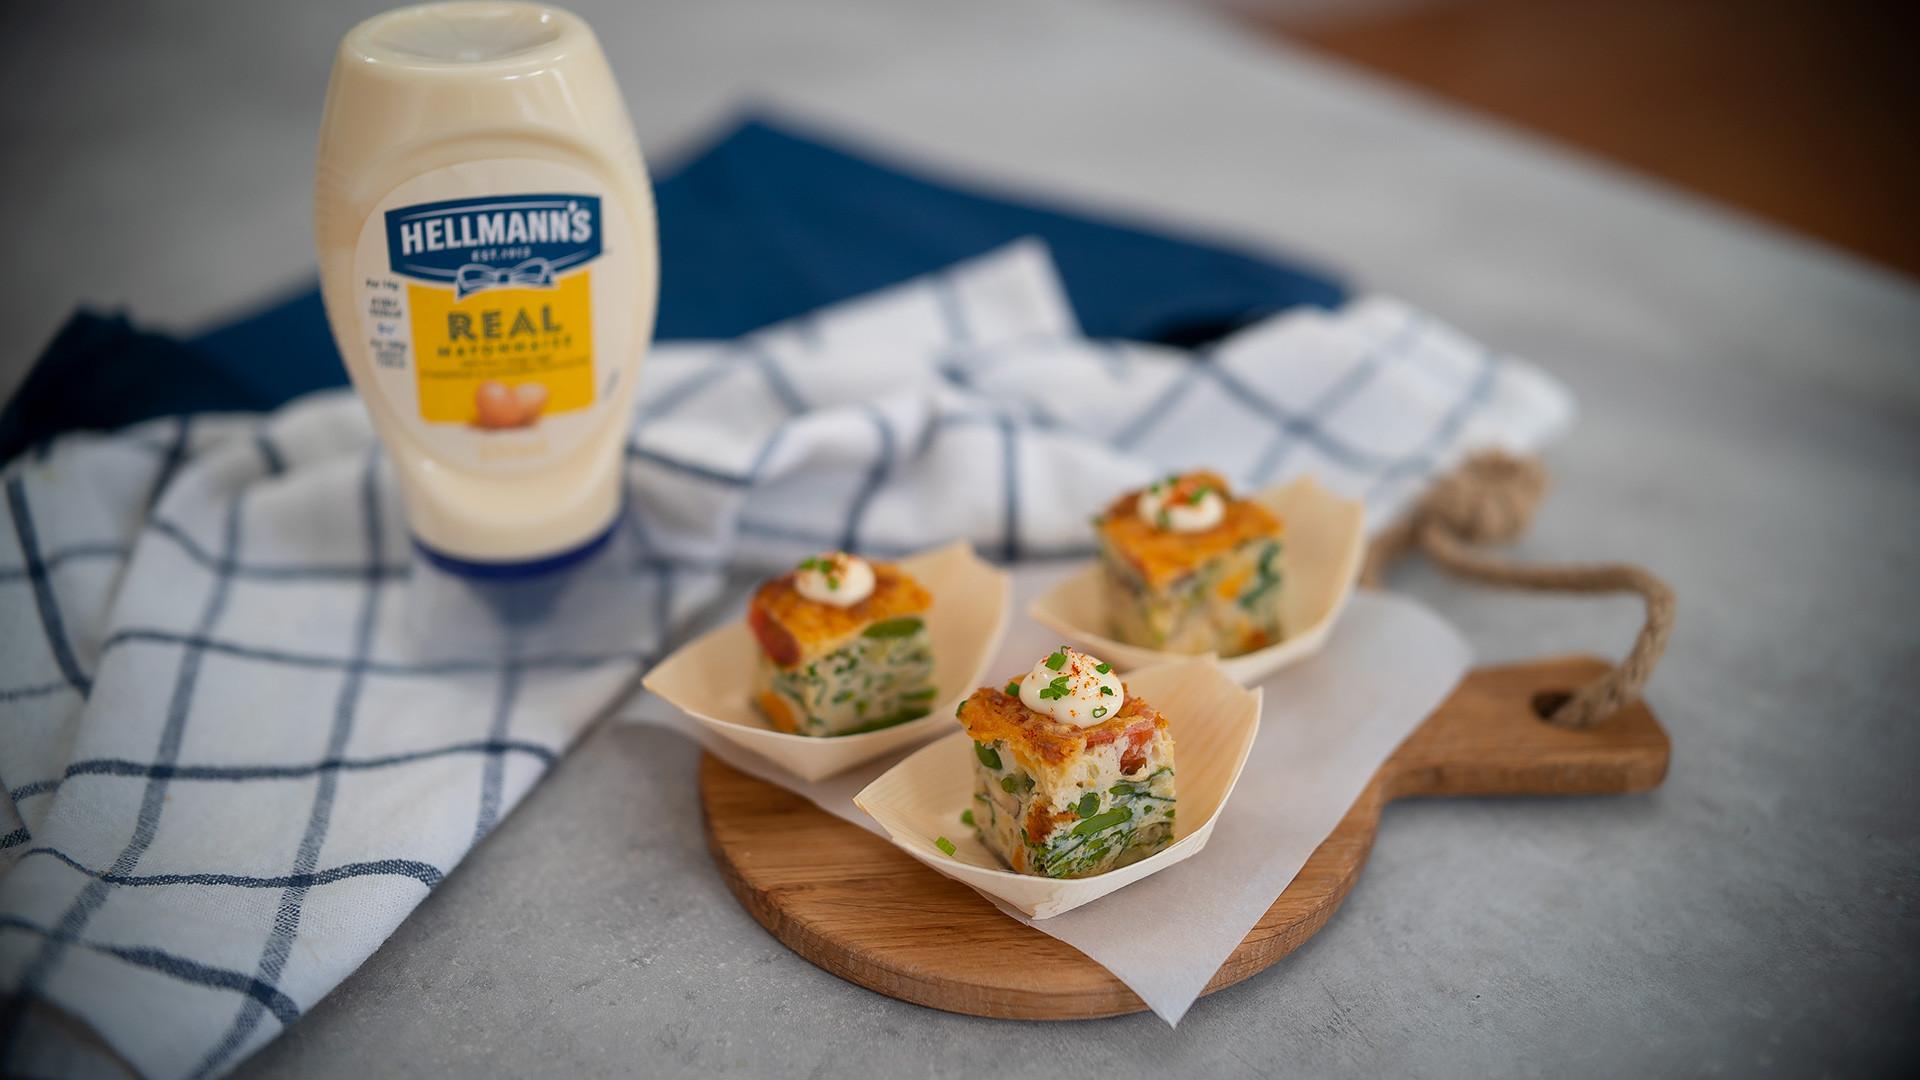 Hellmann's Real Taste, Less Waste Kitchen